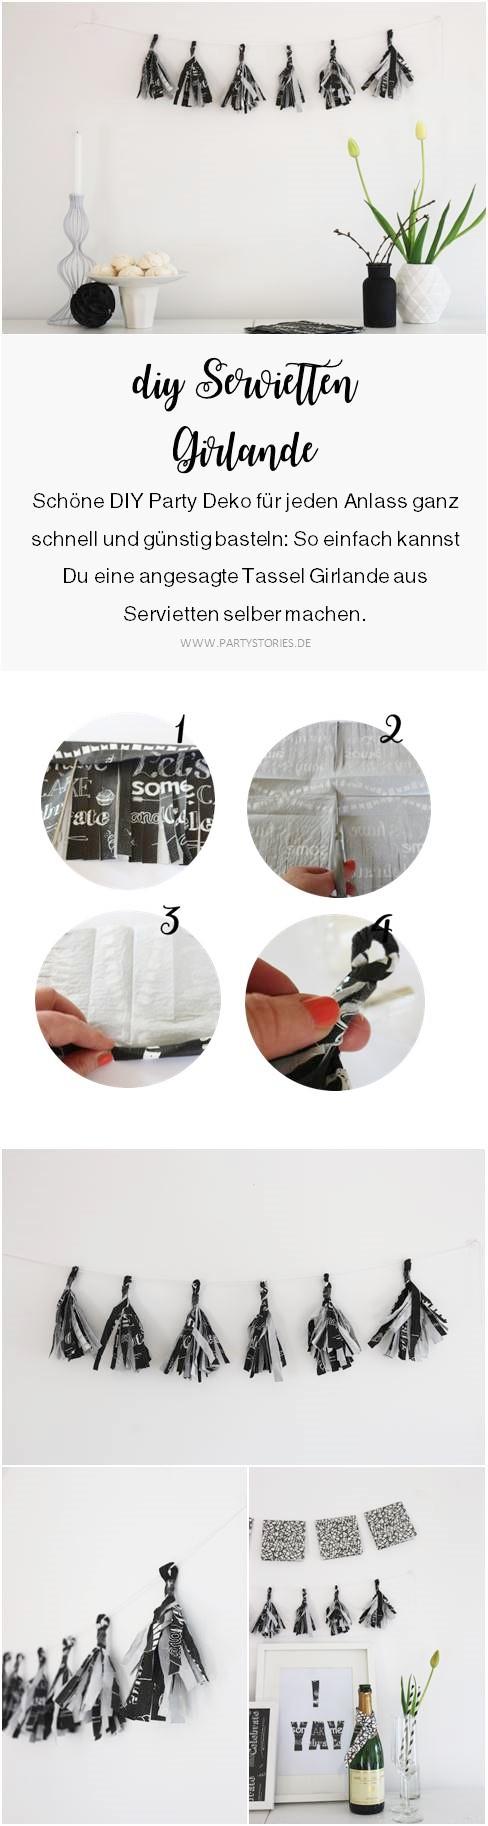 Bild: Schnelle Girlande zum selber basteln? Probier's mit dieser DIY Tassel Girlande aus Servietten als Partydeko, gefunden auf www.partystories.de